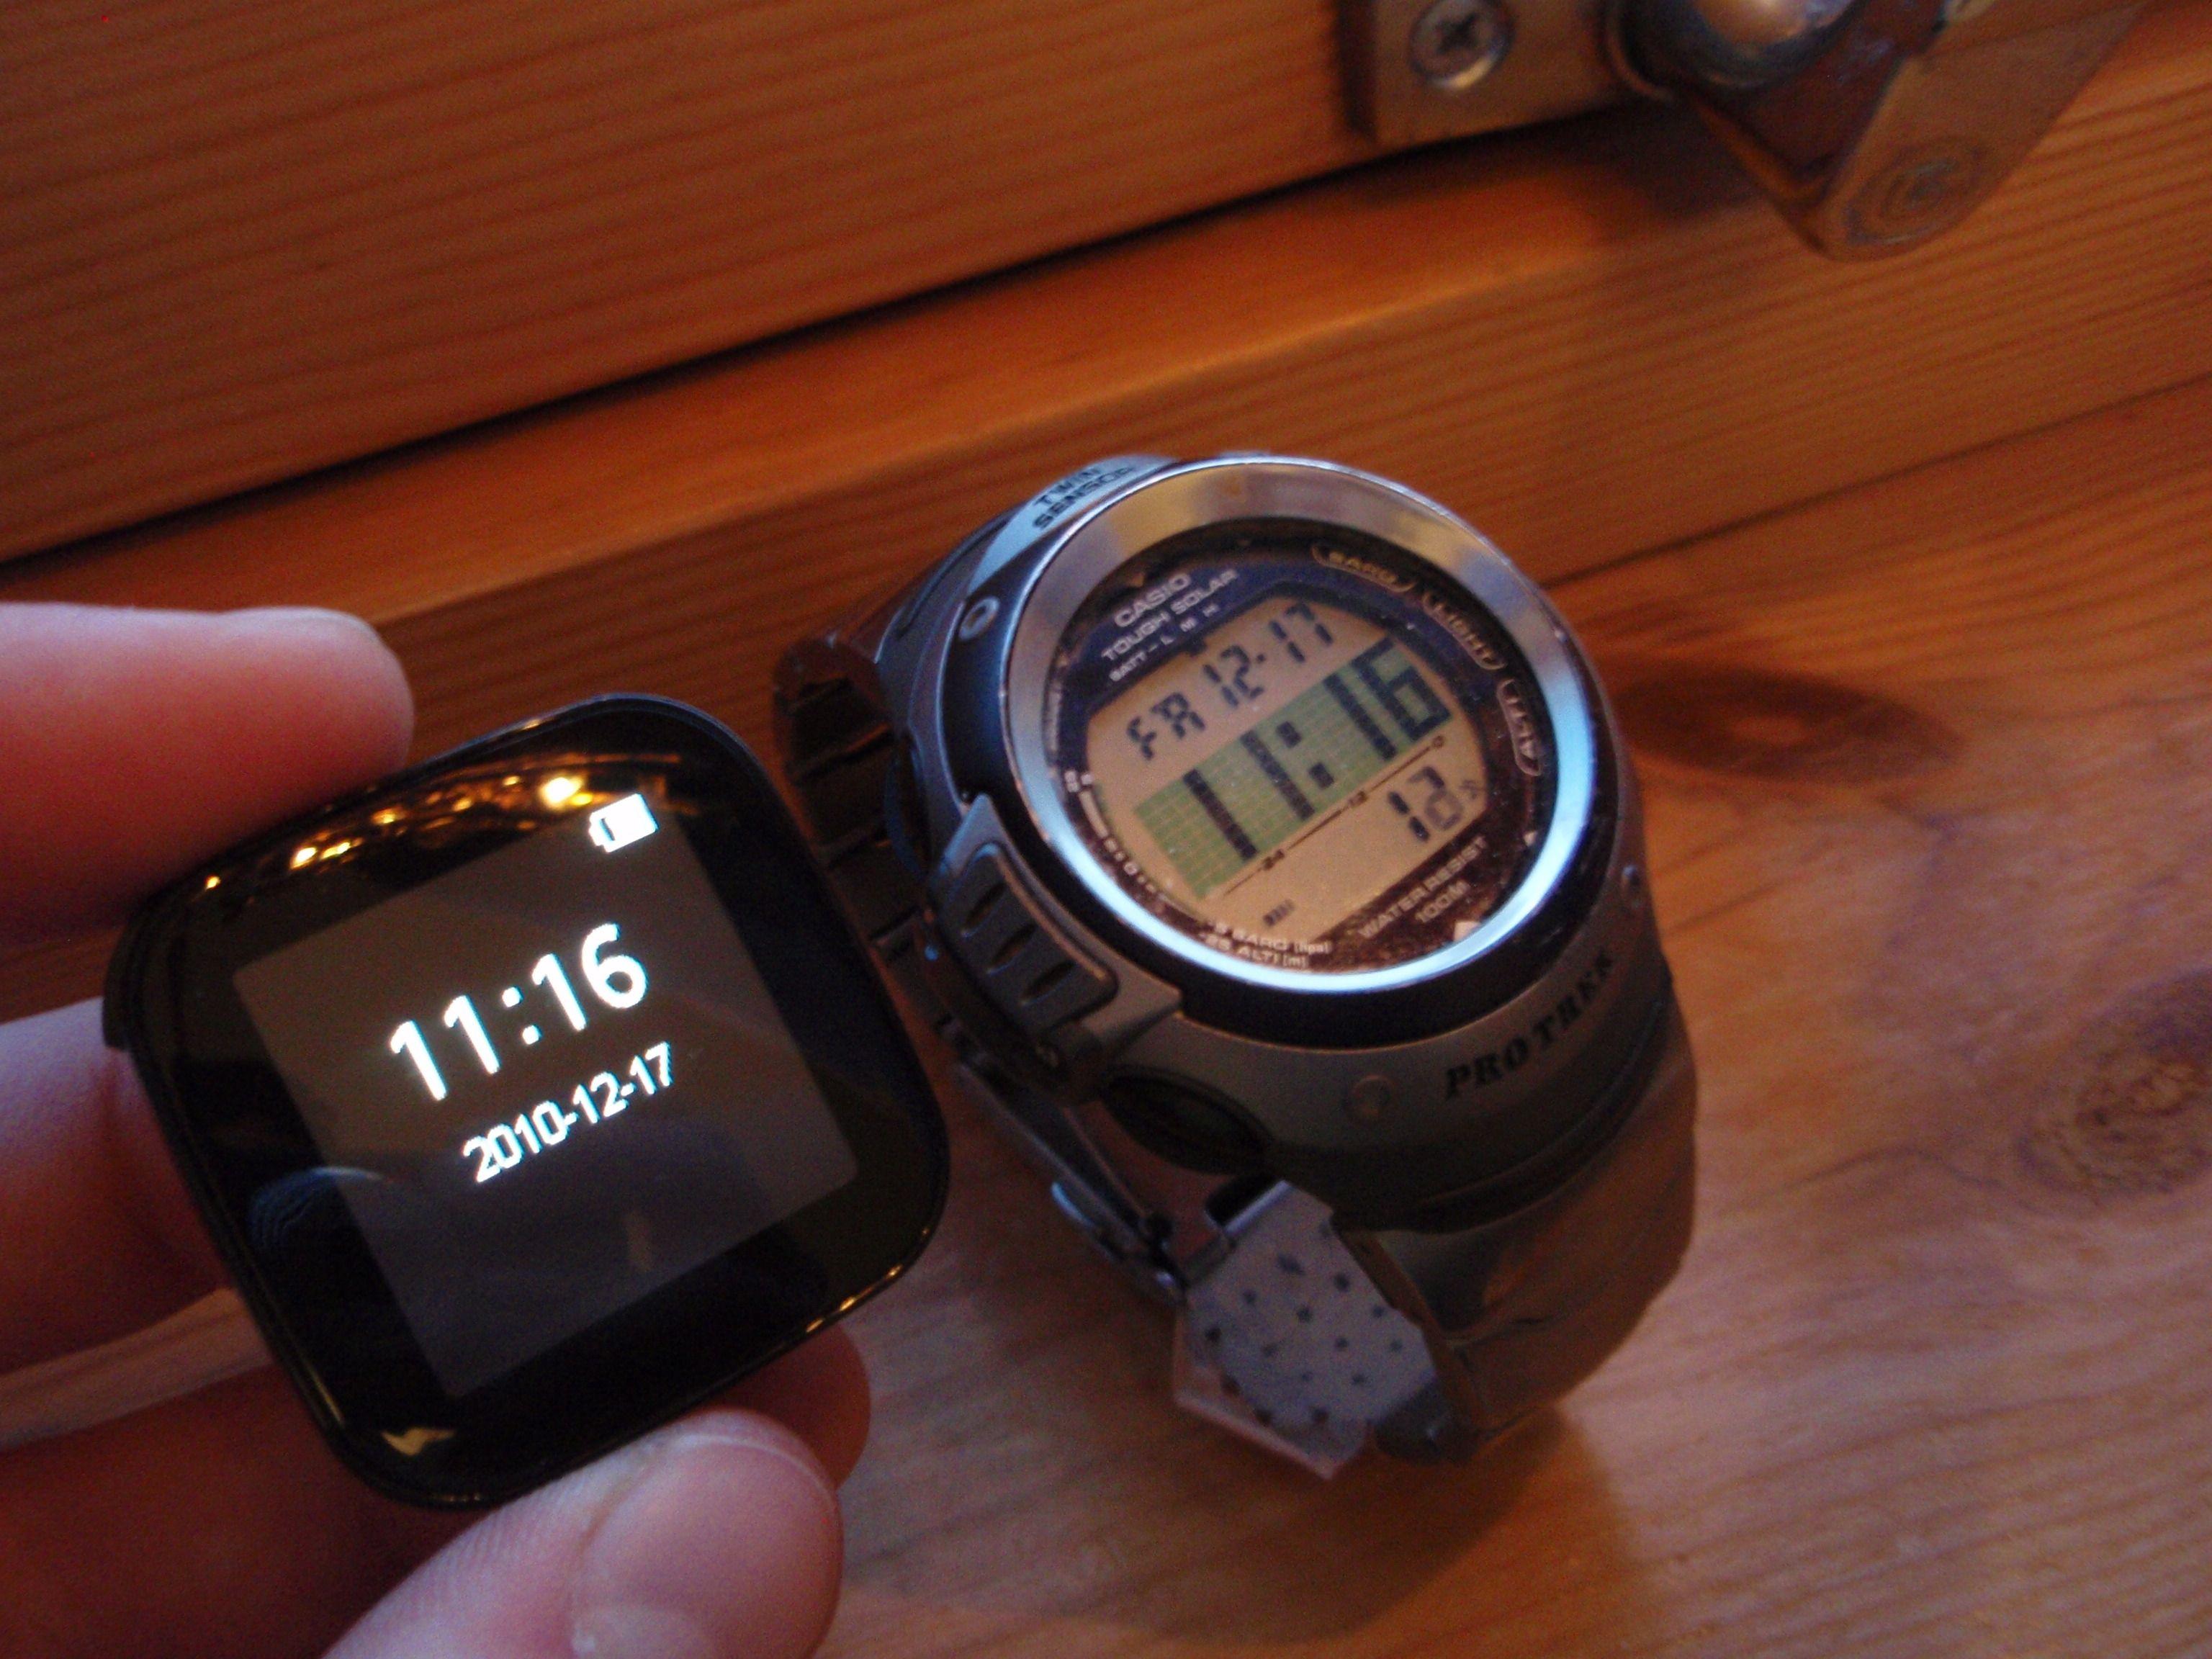 Et vanlig armbåndsur er nok det beste, så kan du jo heller sjekke Facebook-oppdateringene direkte på mobilen din.